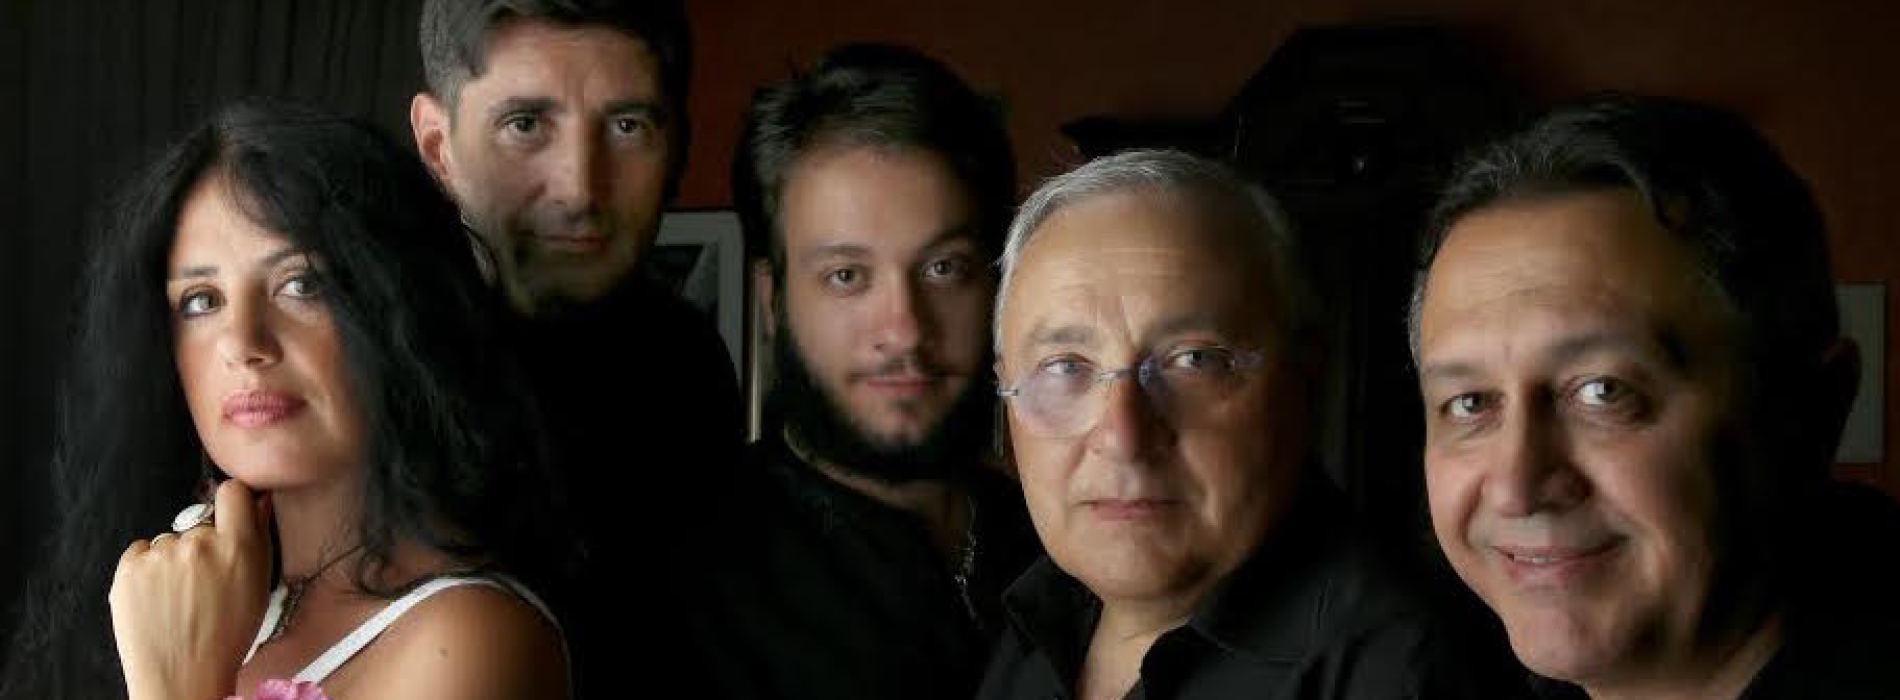 Musica al Duel di Caserta, i Nantiscia presentano il primo cd